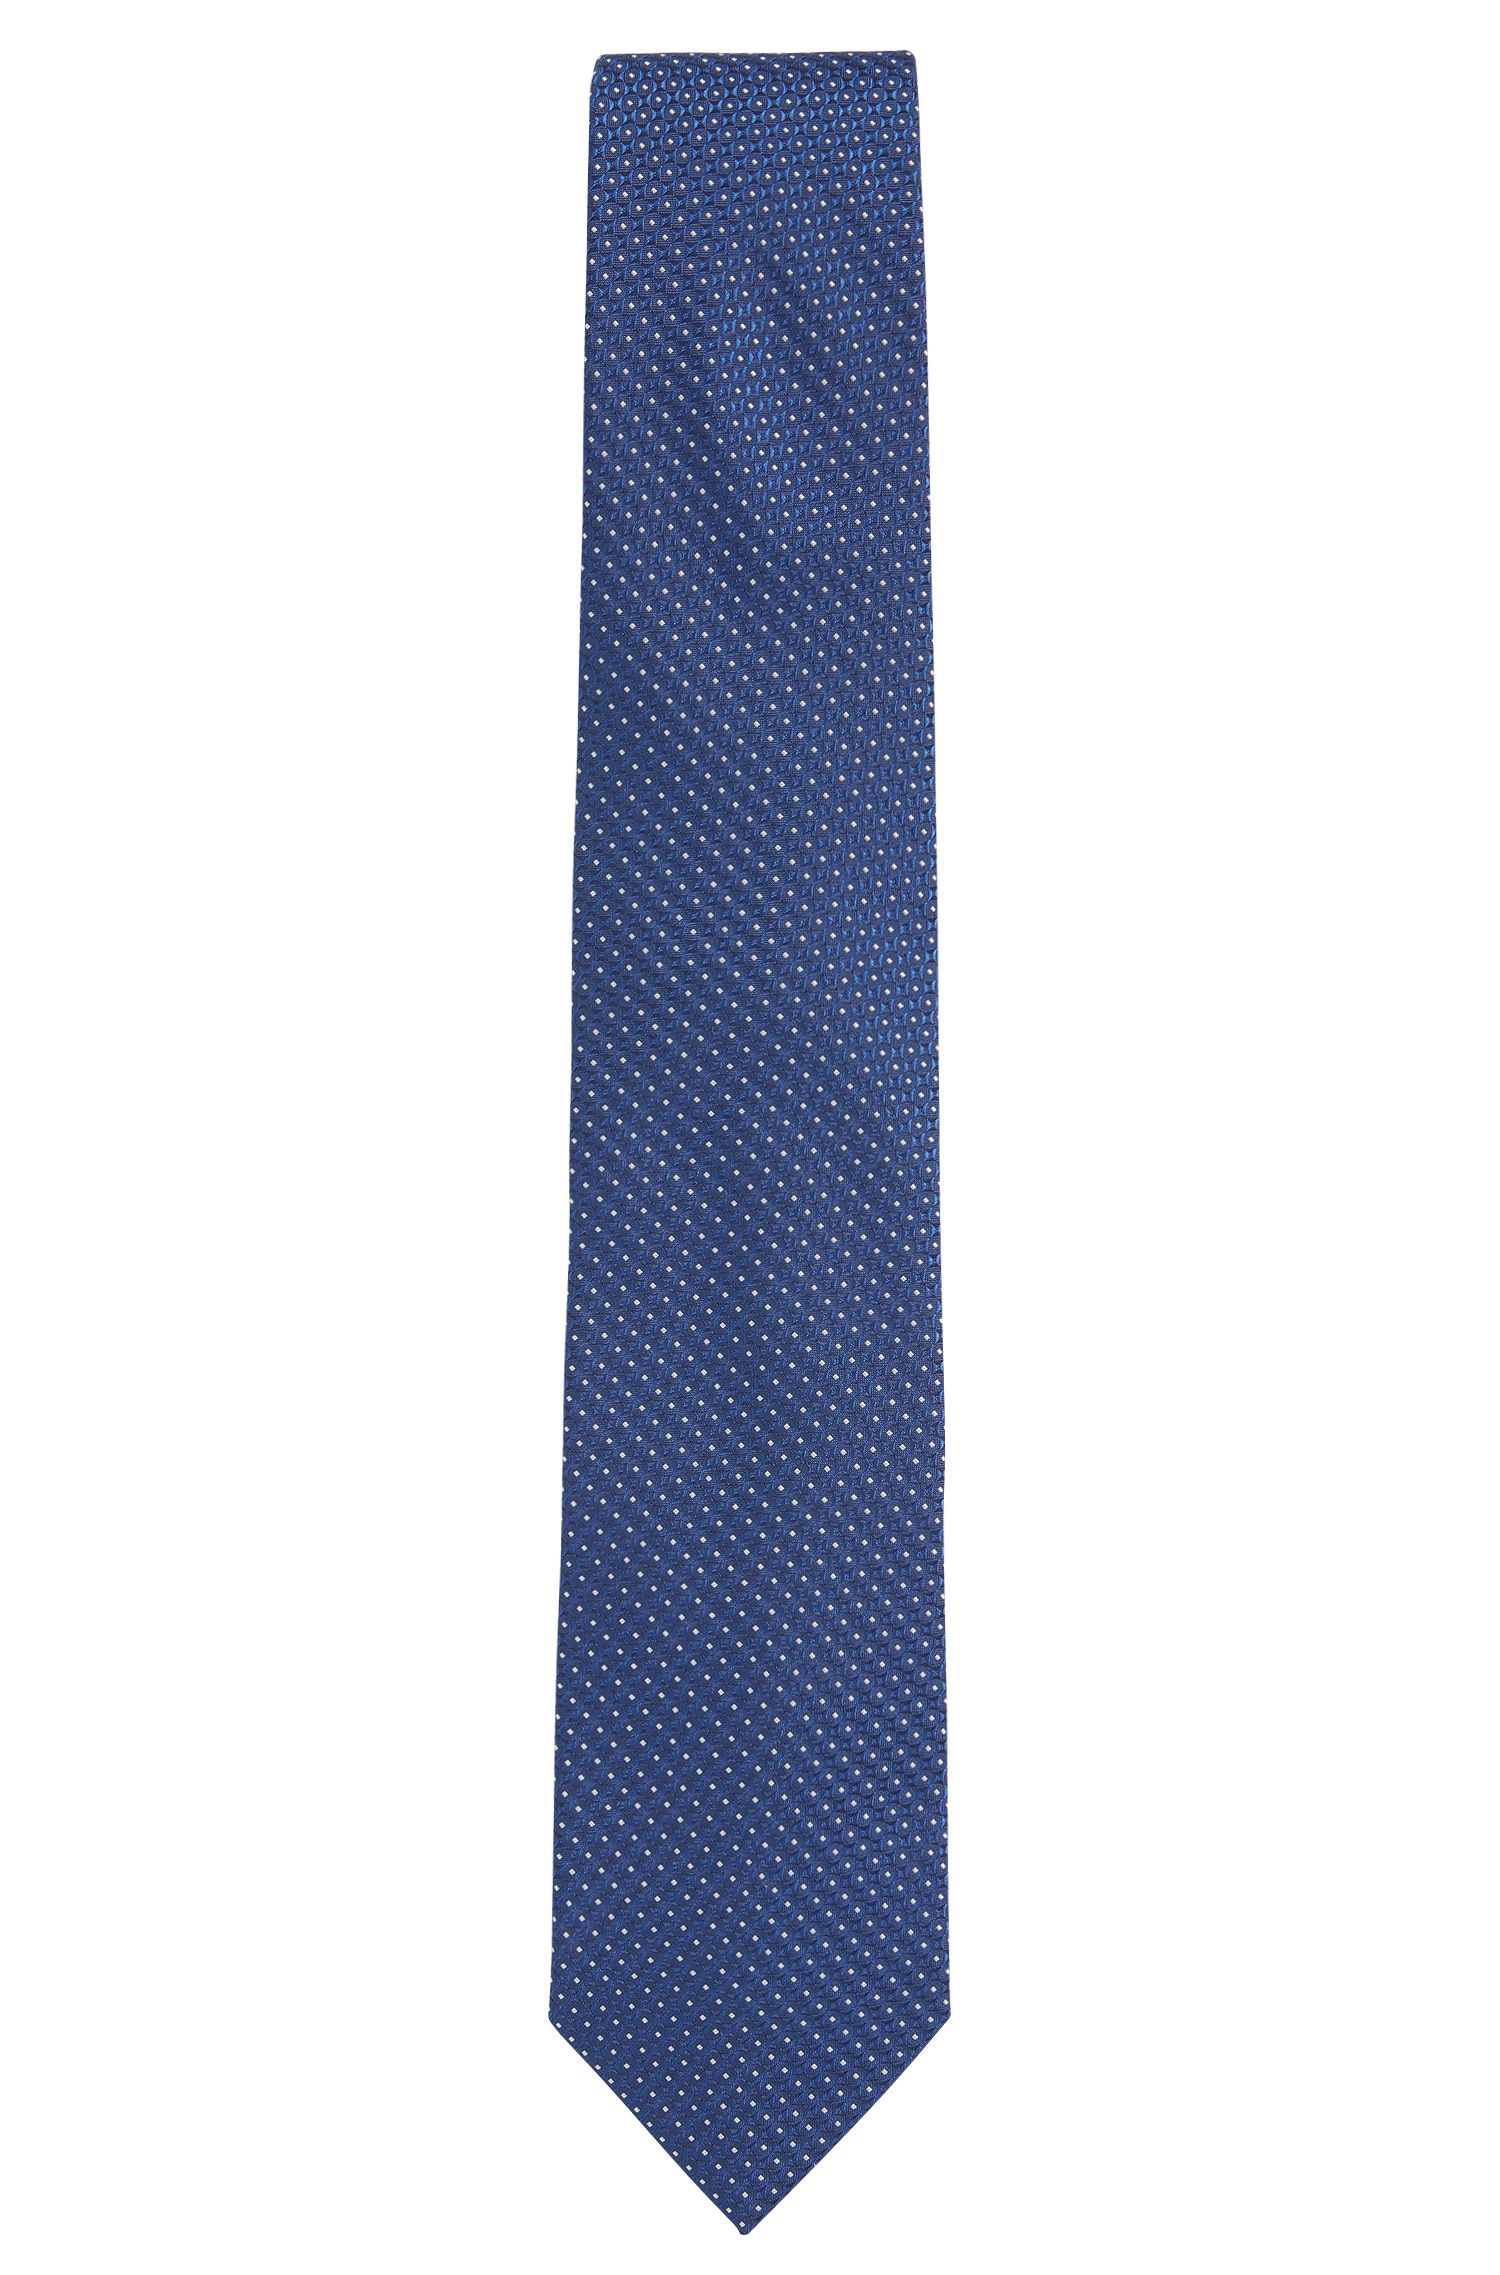 Cravatta in seta jacquard a disegni realizzata in Italia